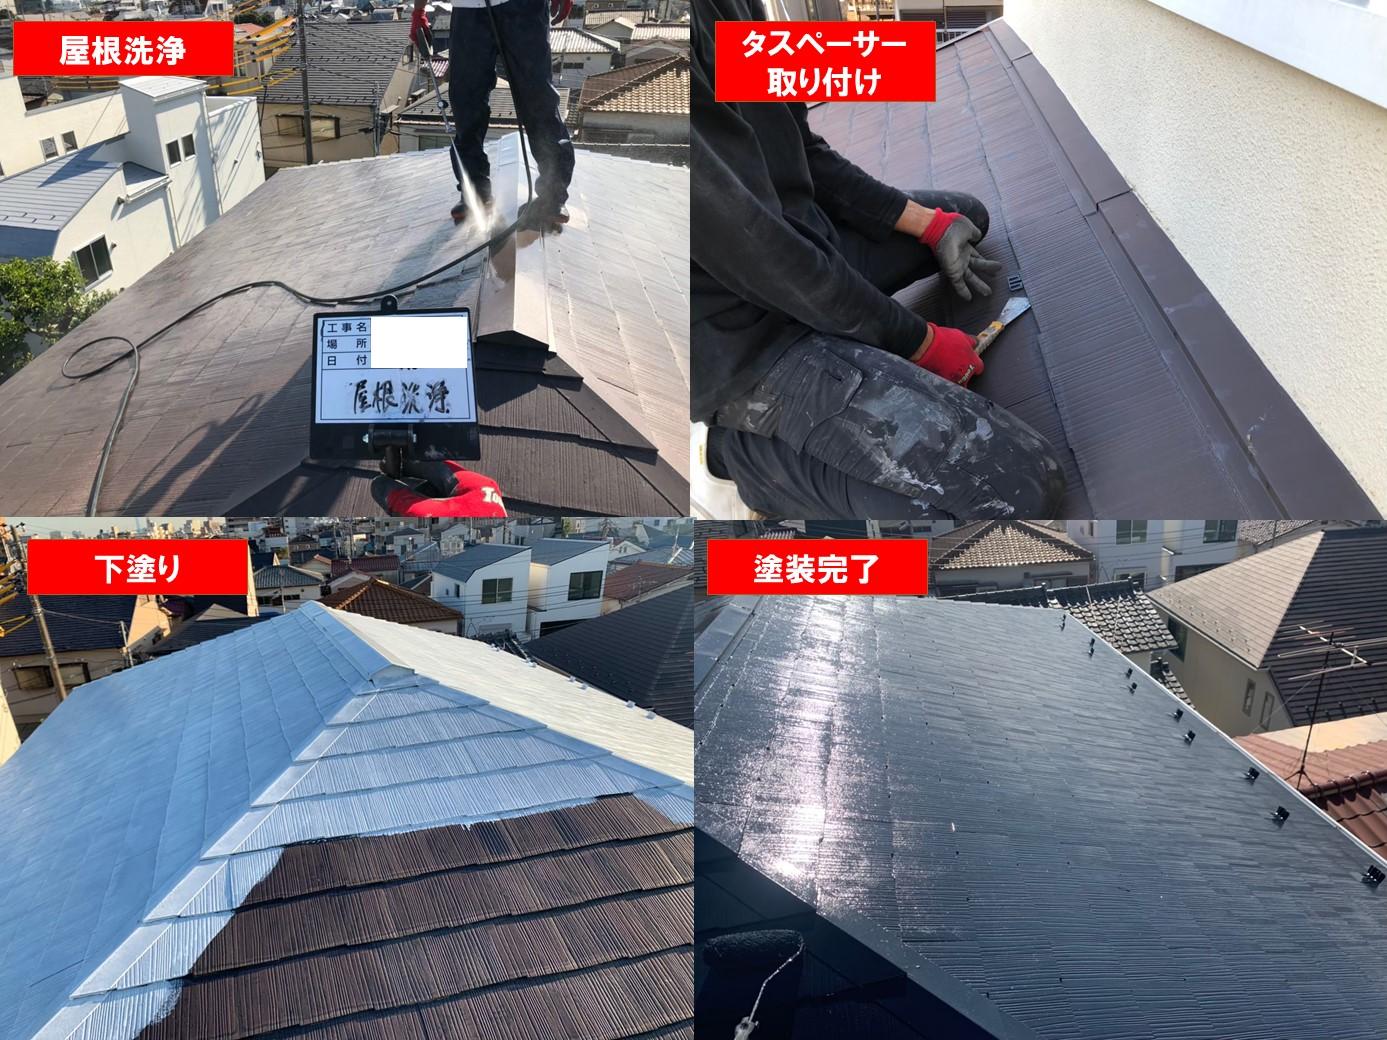 【施工完了報告!】仕上がりには自信があります!東京都小金井市にて塗装工事を行いました!